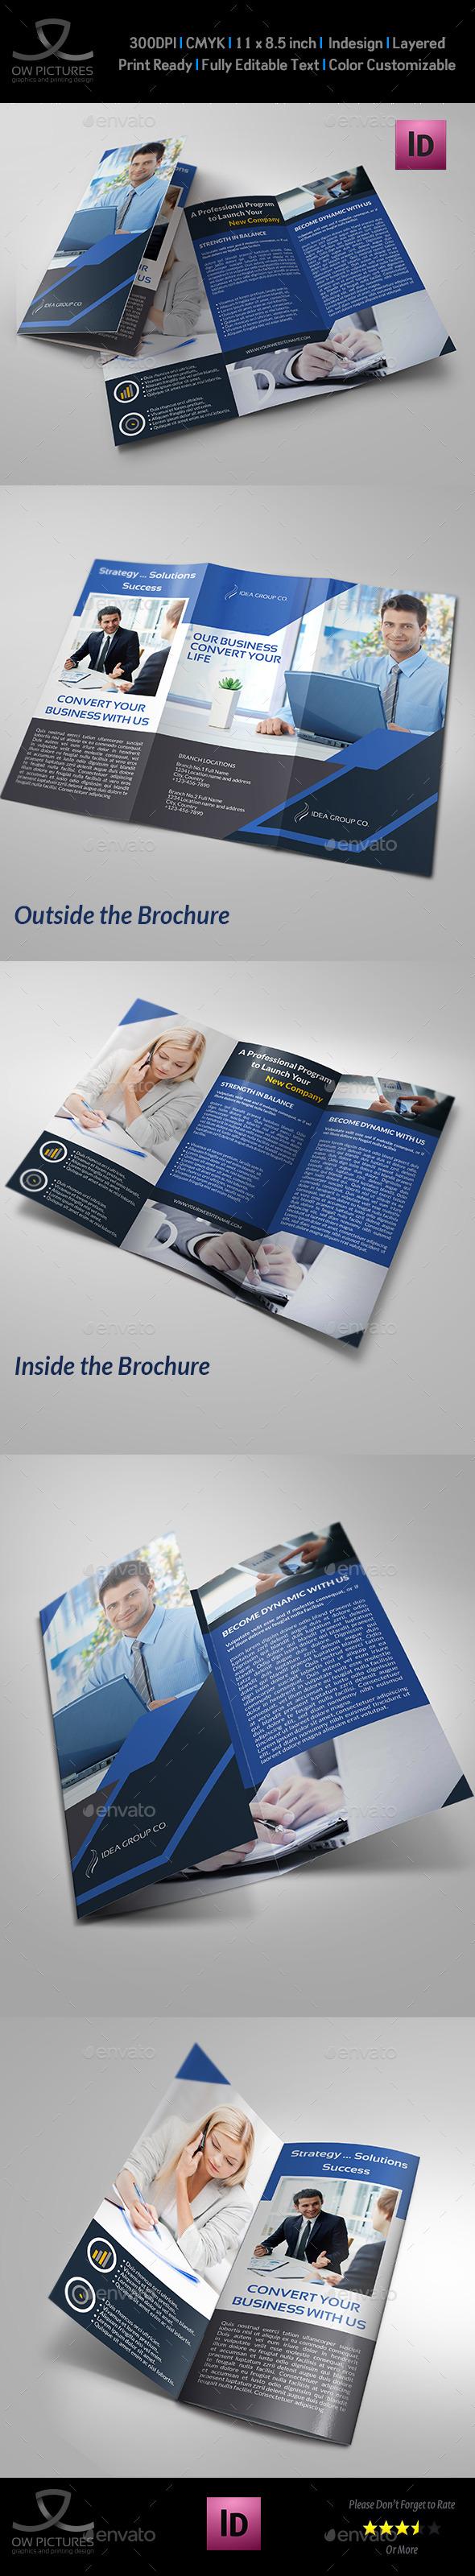 Company Brochure Tri-Fold Brochure Vol.18 - Brochures Print Templates